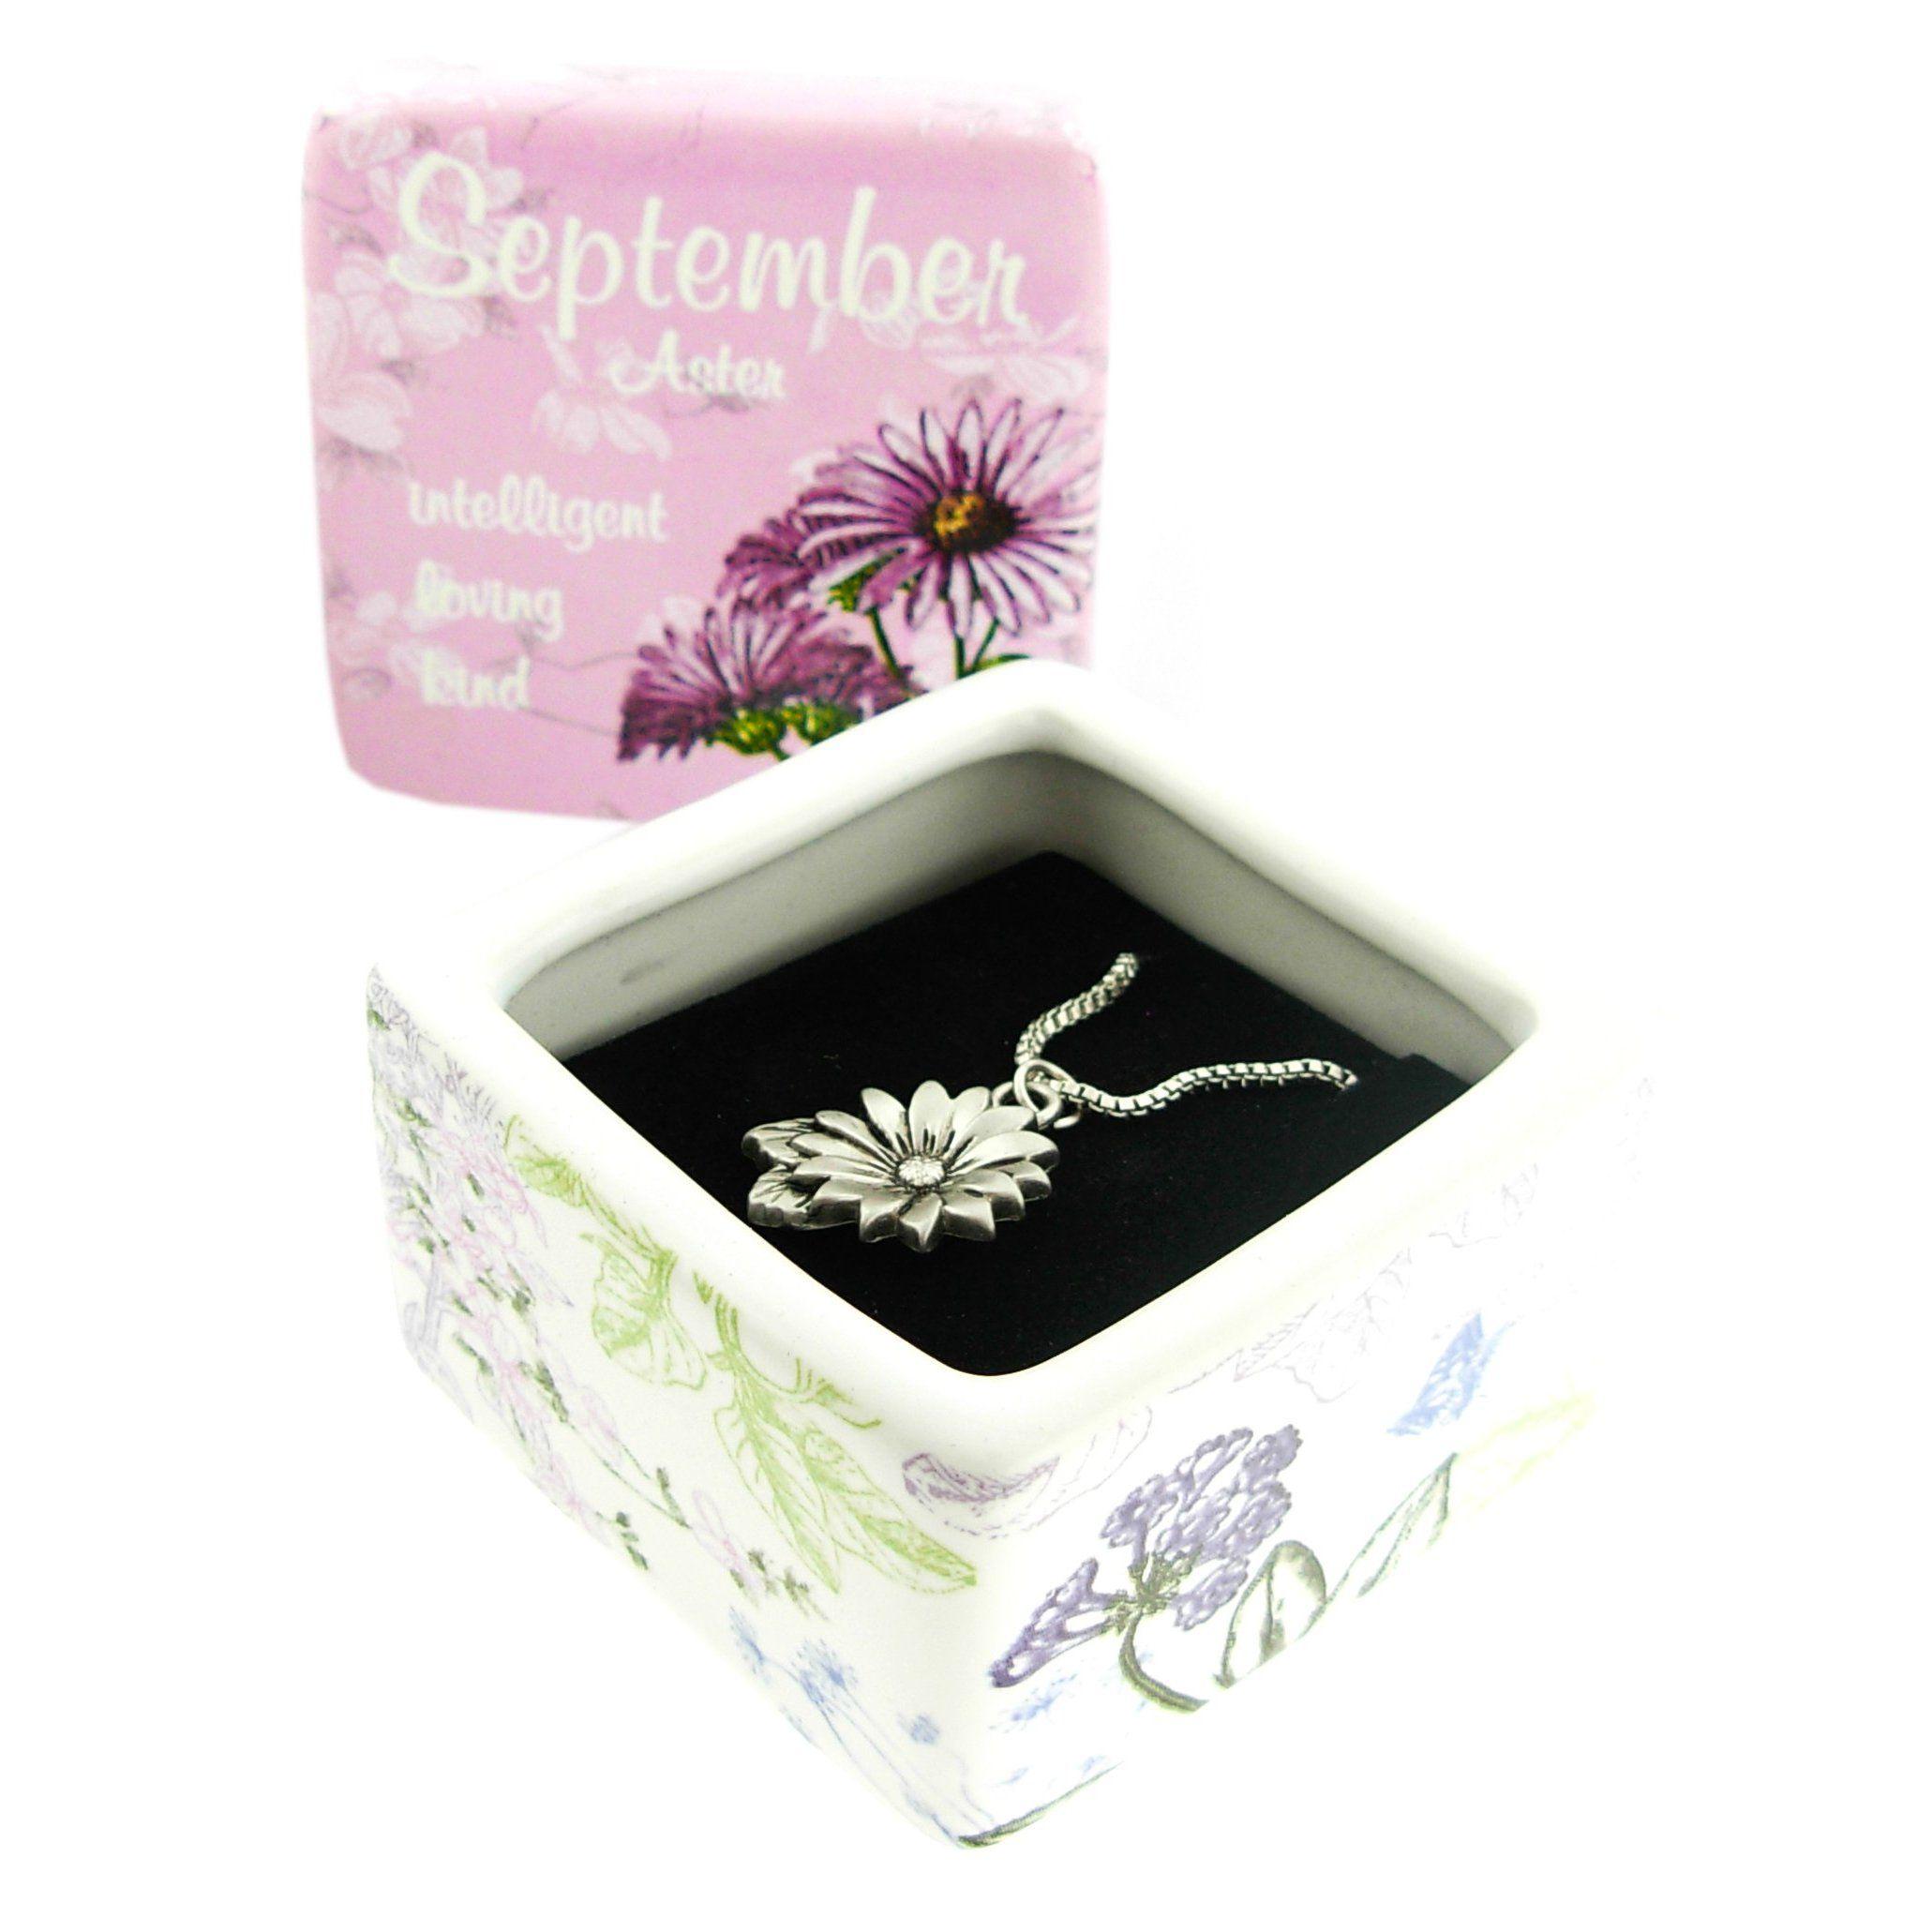 September Aster Flower Of The Month Keepsake Box